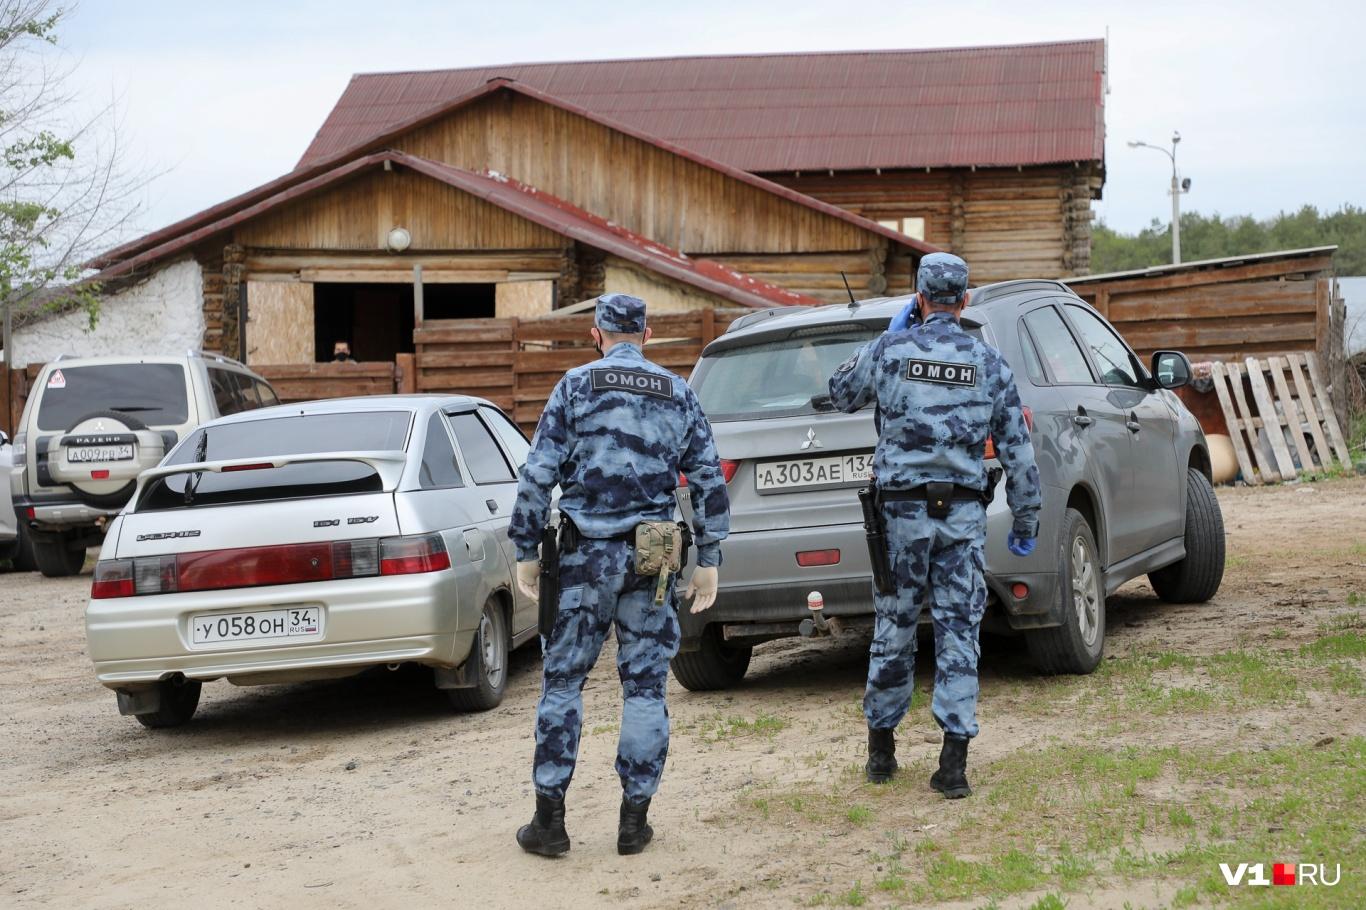 Претензии к «Сосновому бору» начались после ареста Владимира Зубкова